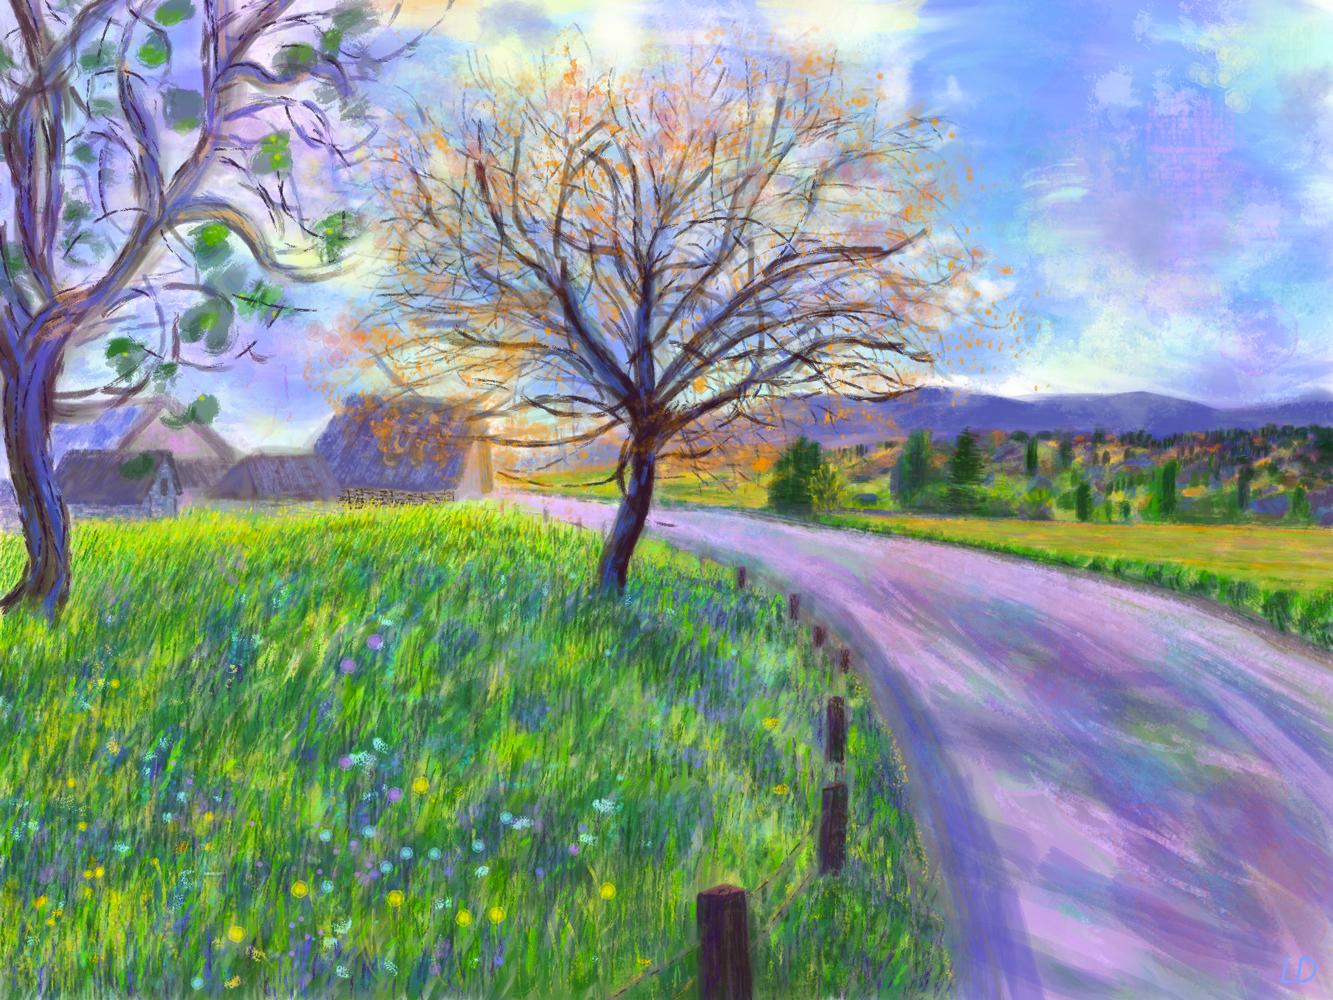 Fields, Penthalaz no. 2. Digital painting. 30x40, 2017